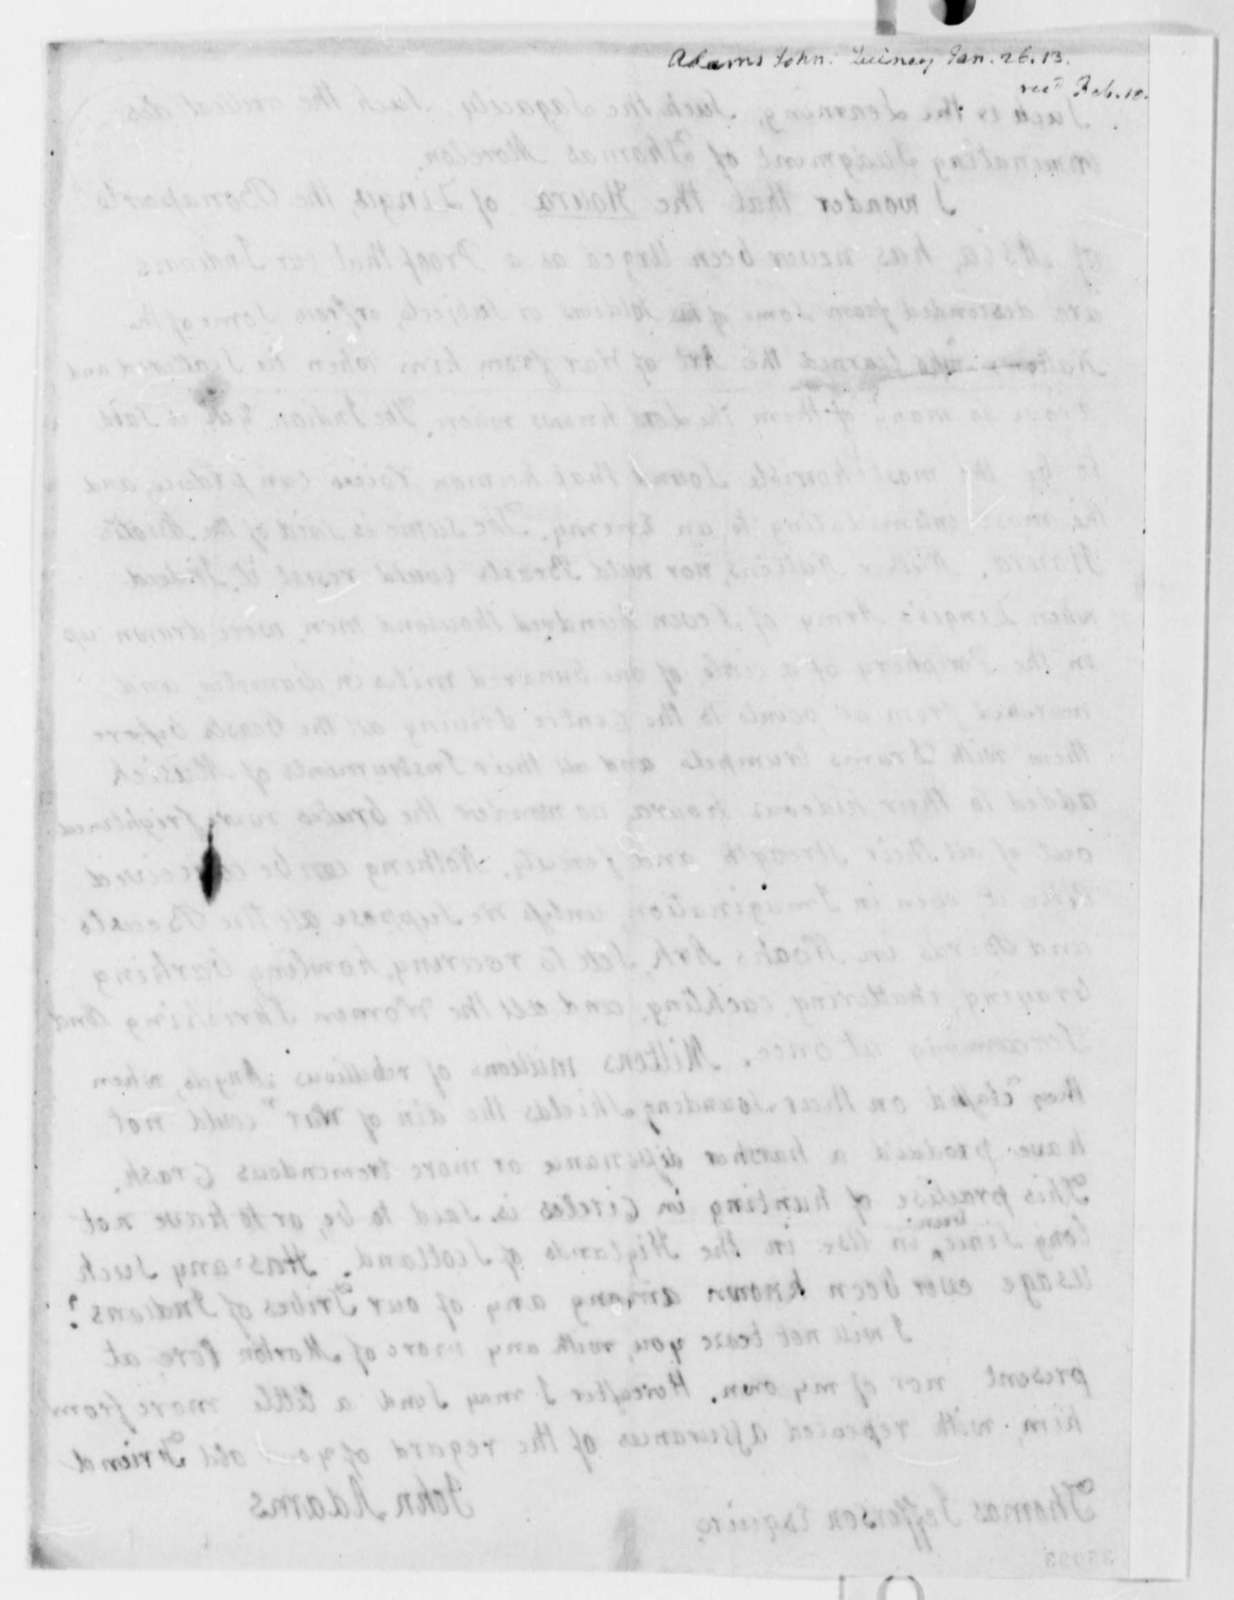 John Adams to Thomas Jefferson, January 26, 1813